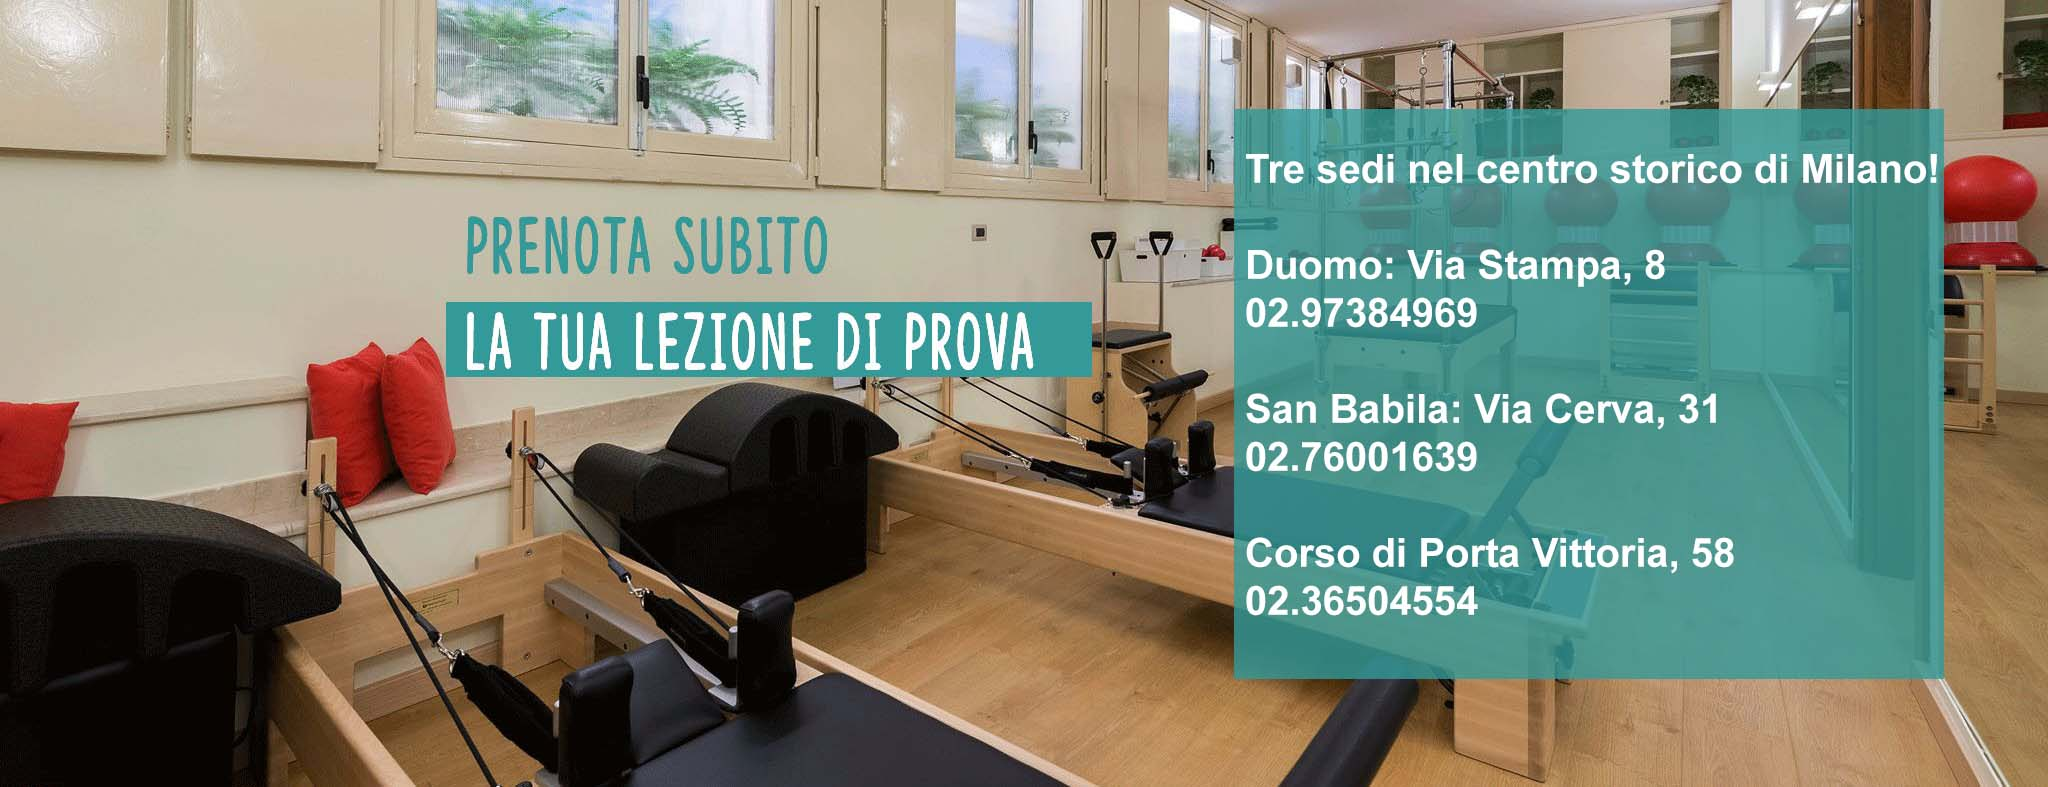 Lezioni Pilates Lotto Milano - Prenota subito la tua lezione di prova